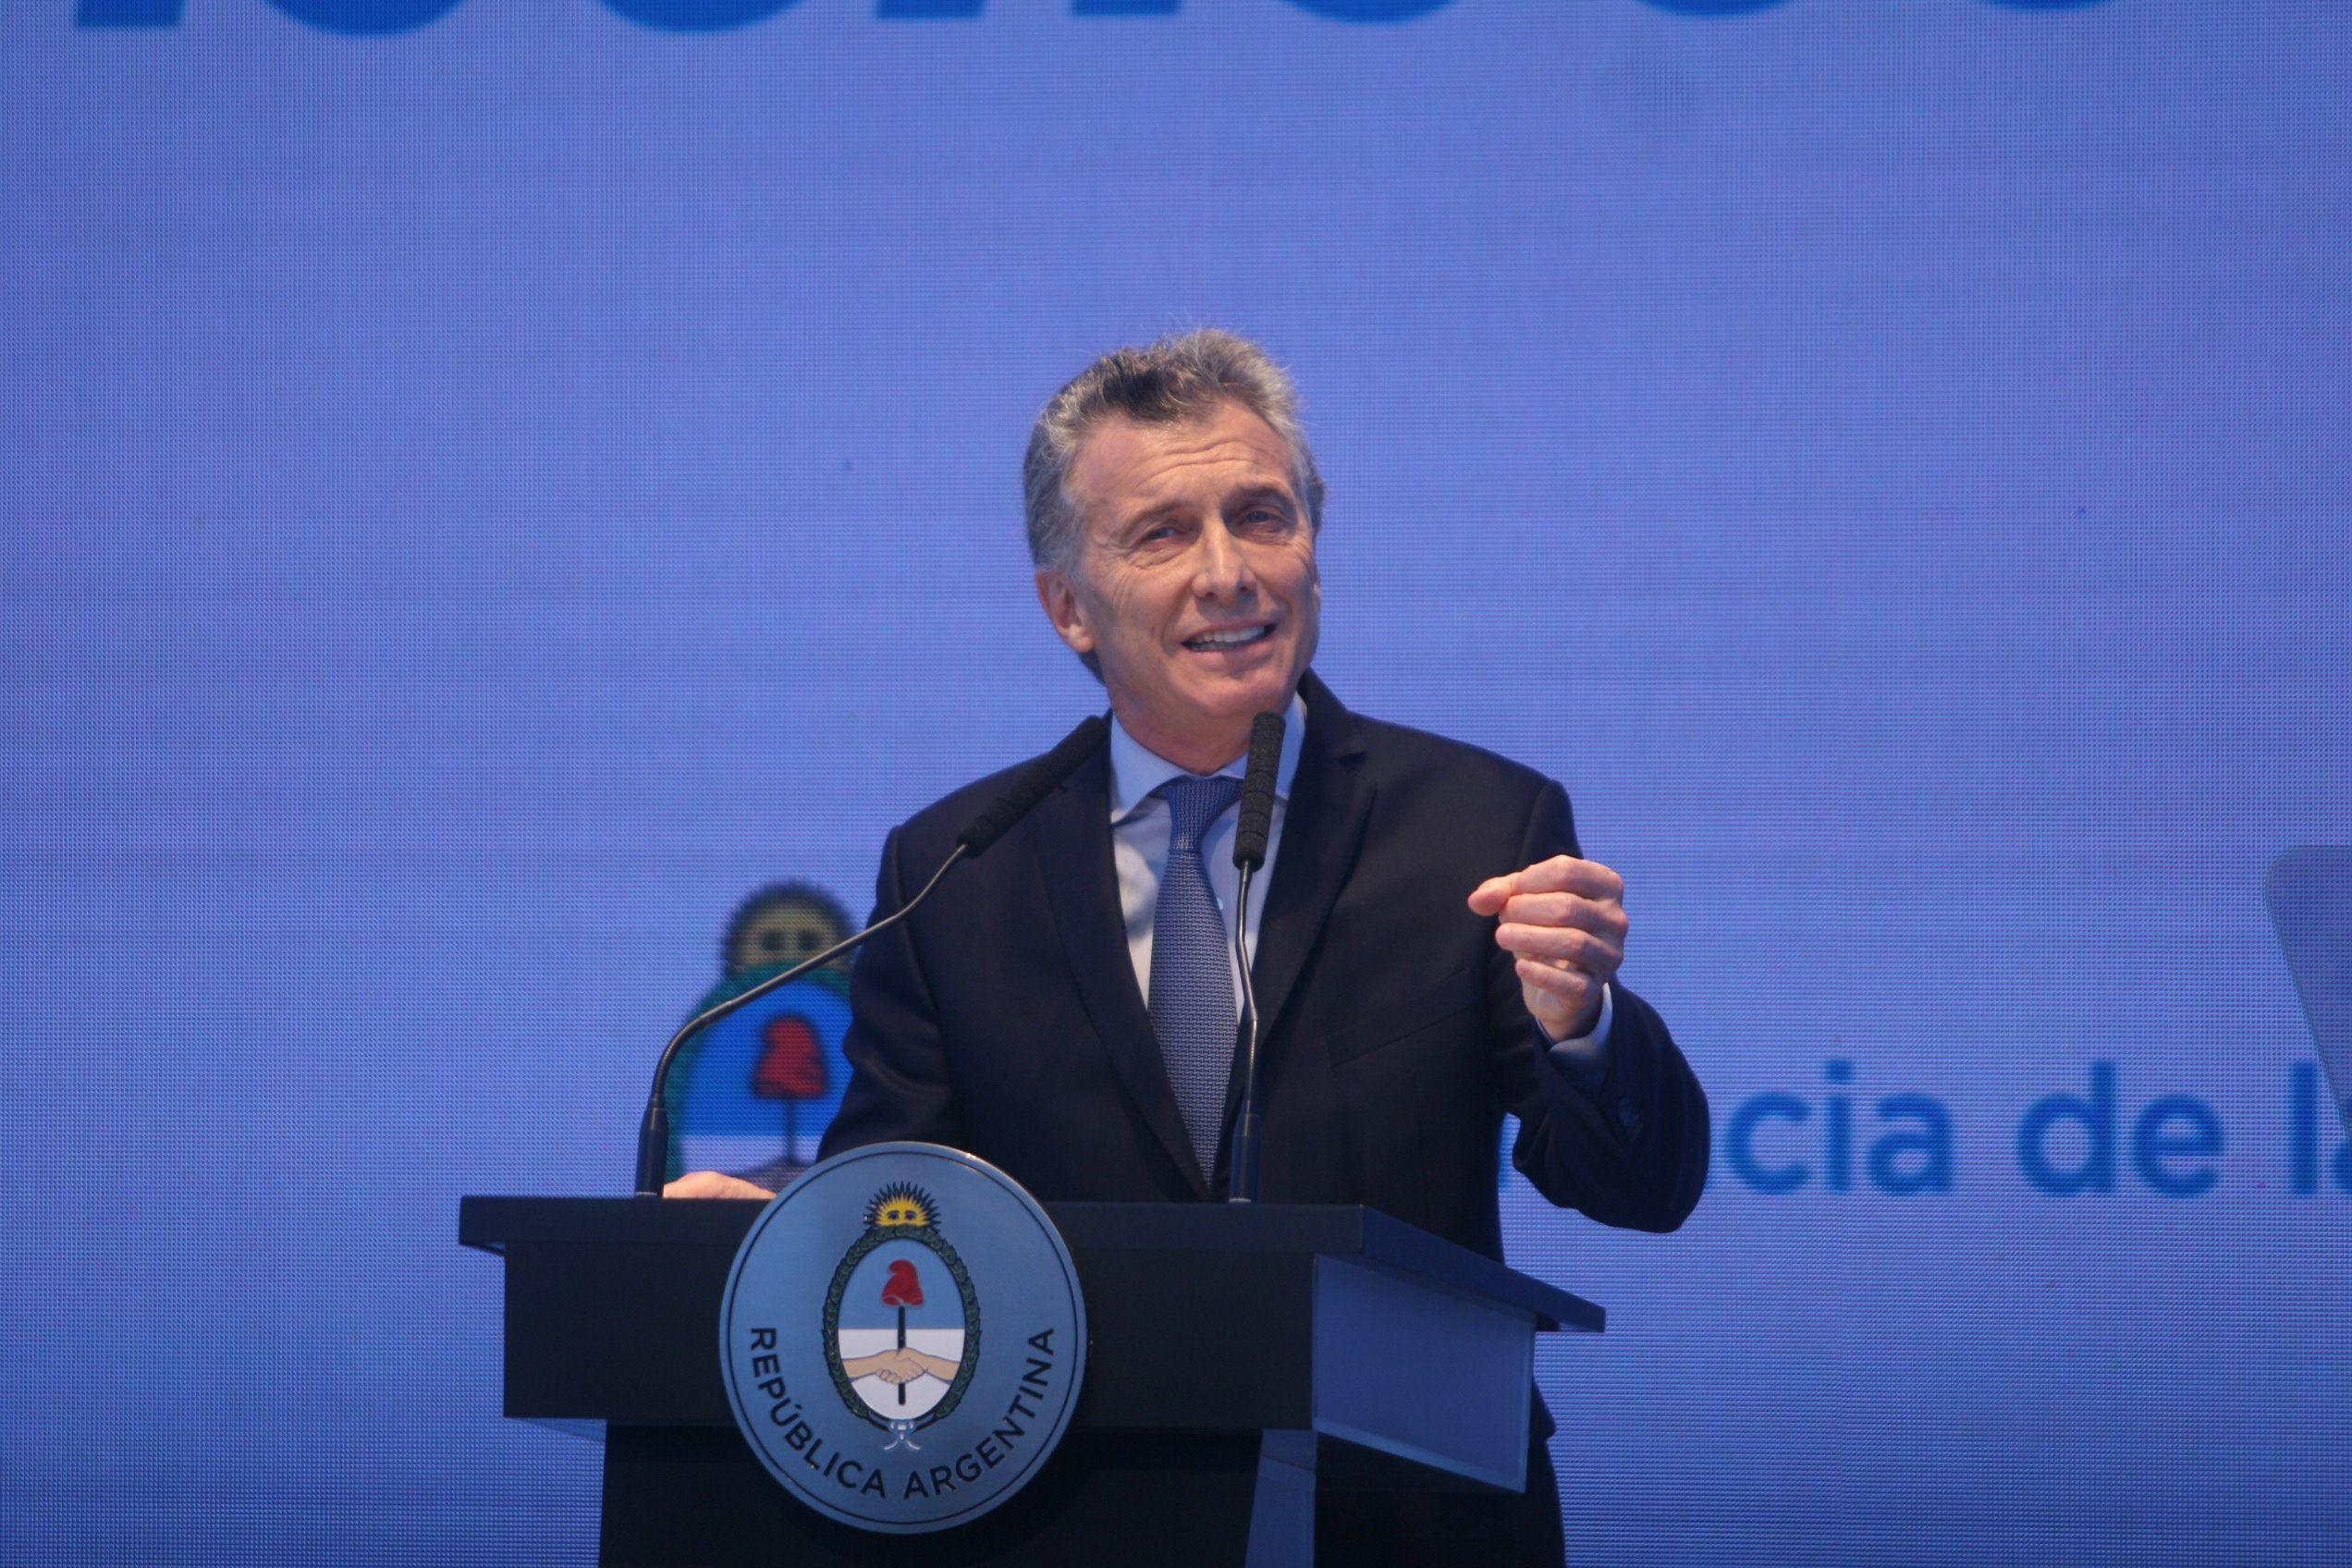 Reforma laboral, nuevos impuestos y reducción de la inflación, los ejes del plan de Macri